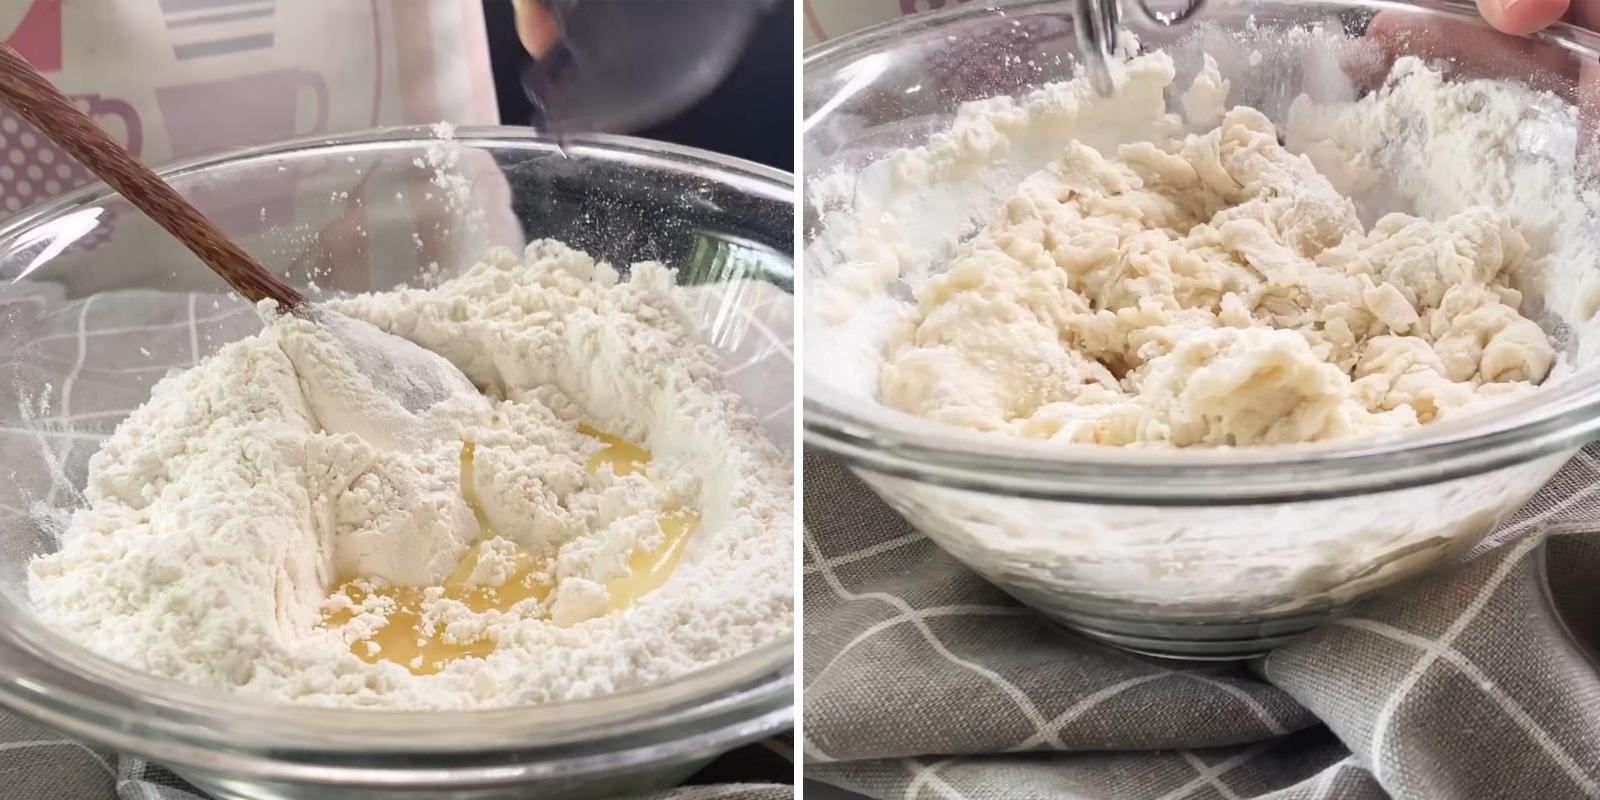 Trộn bột làm bánh mì